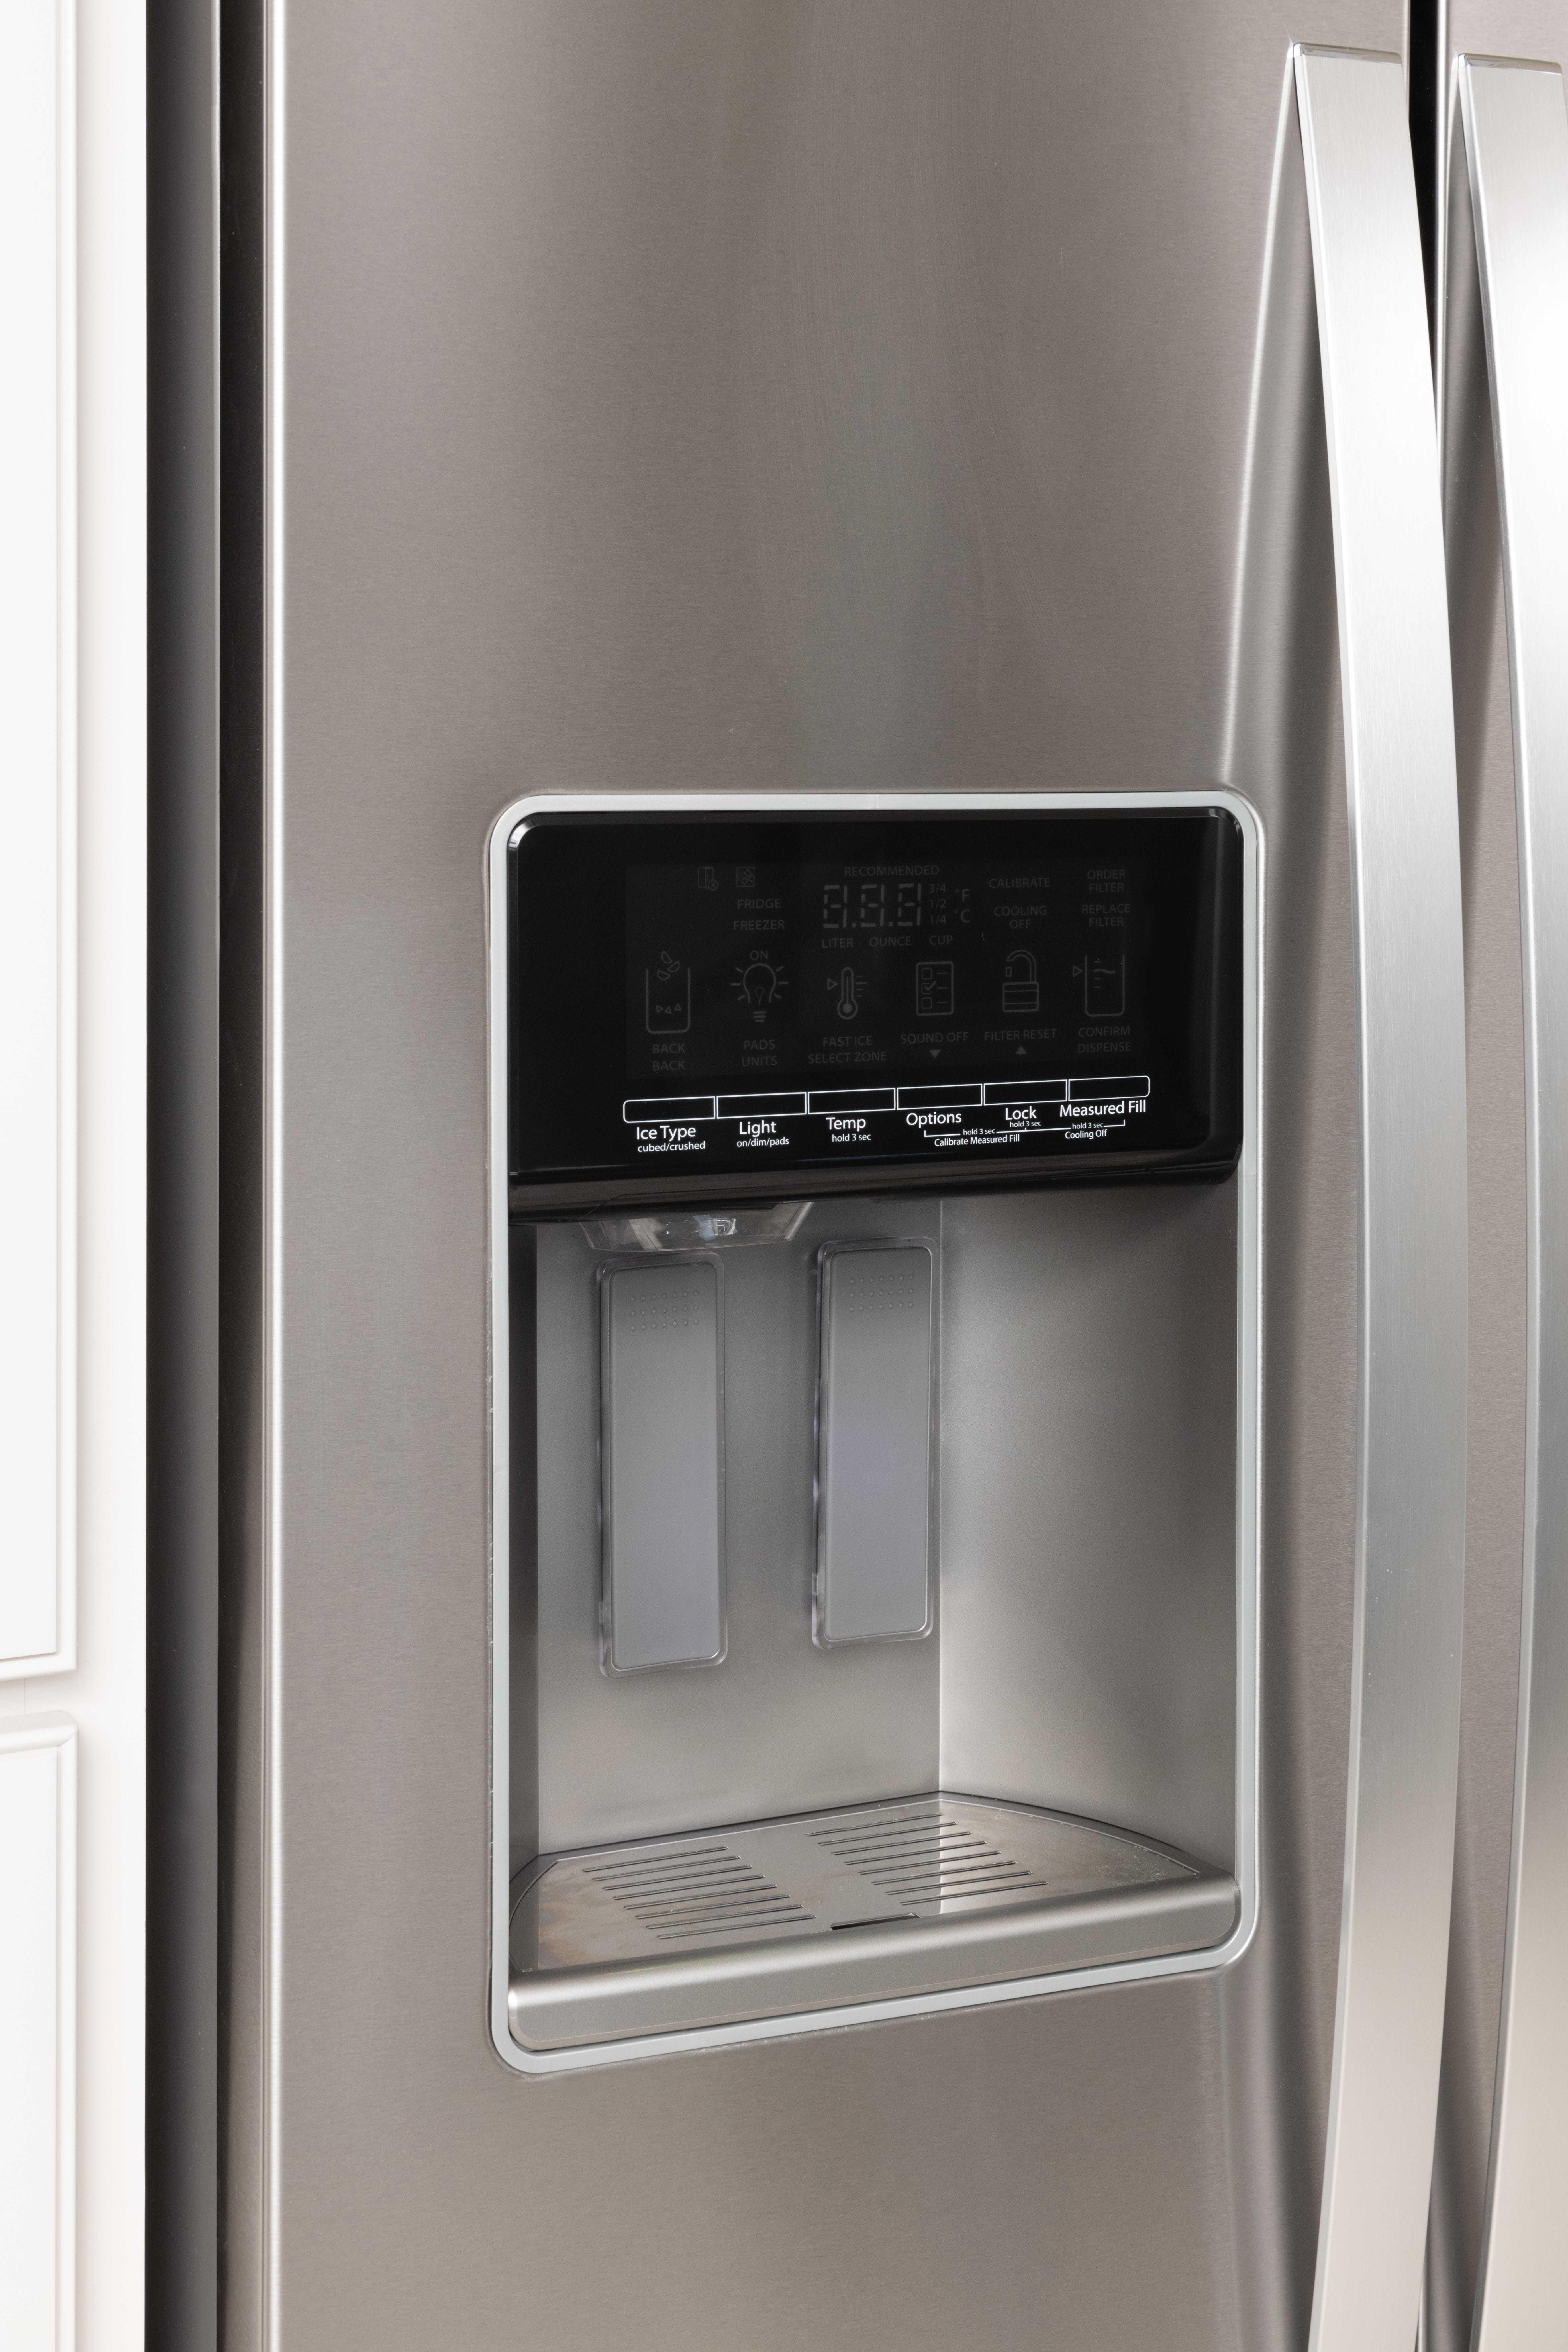 Frig indoor dispense Disc38 K MY22 4395 off